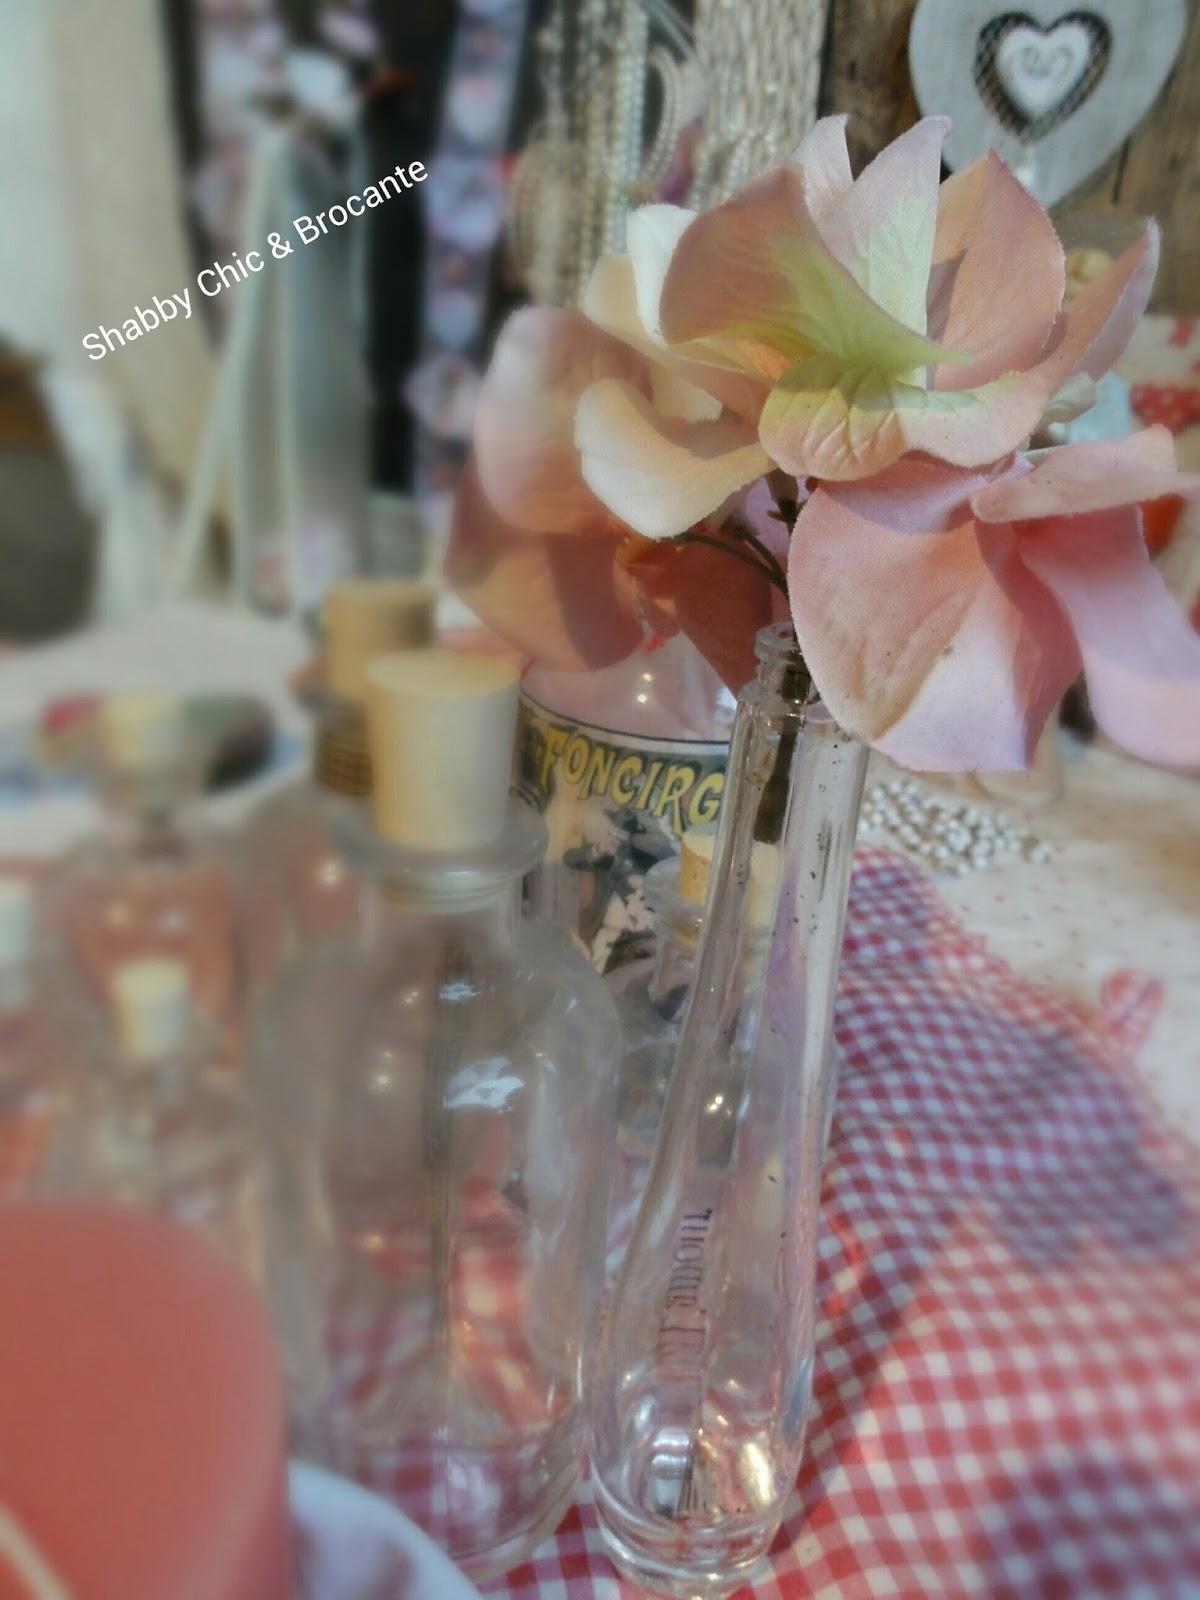 Shabby Chic & Brocante alte antike Flaschen rosa